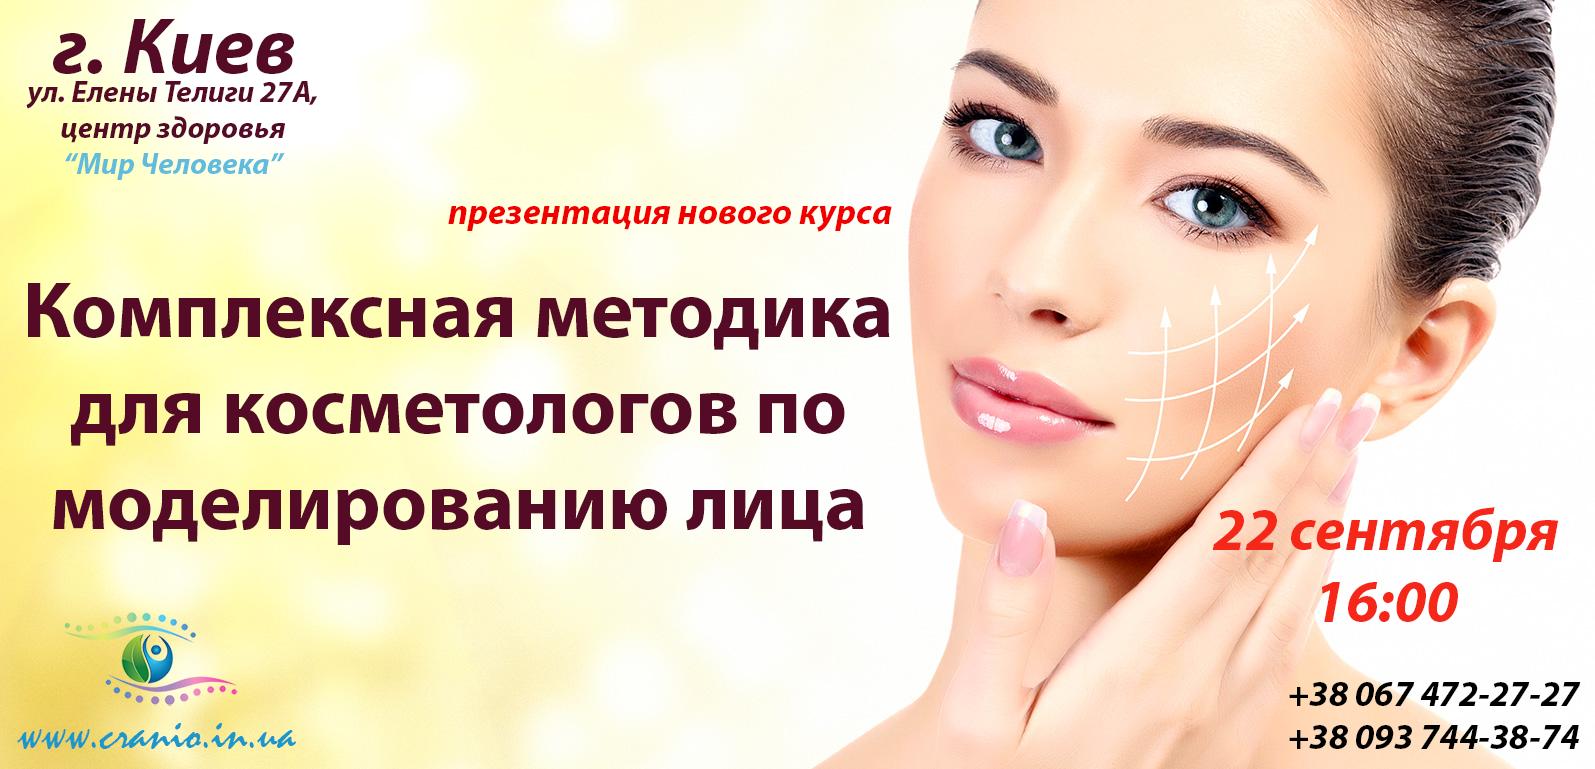 обучение косметологии